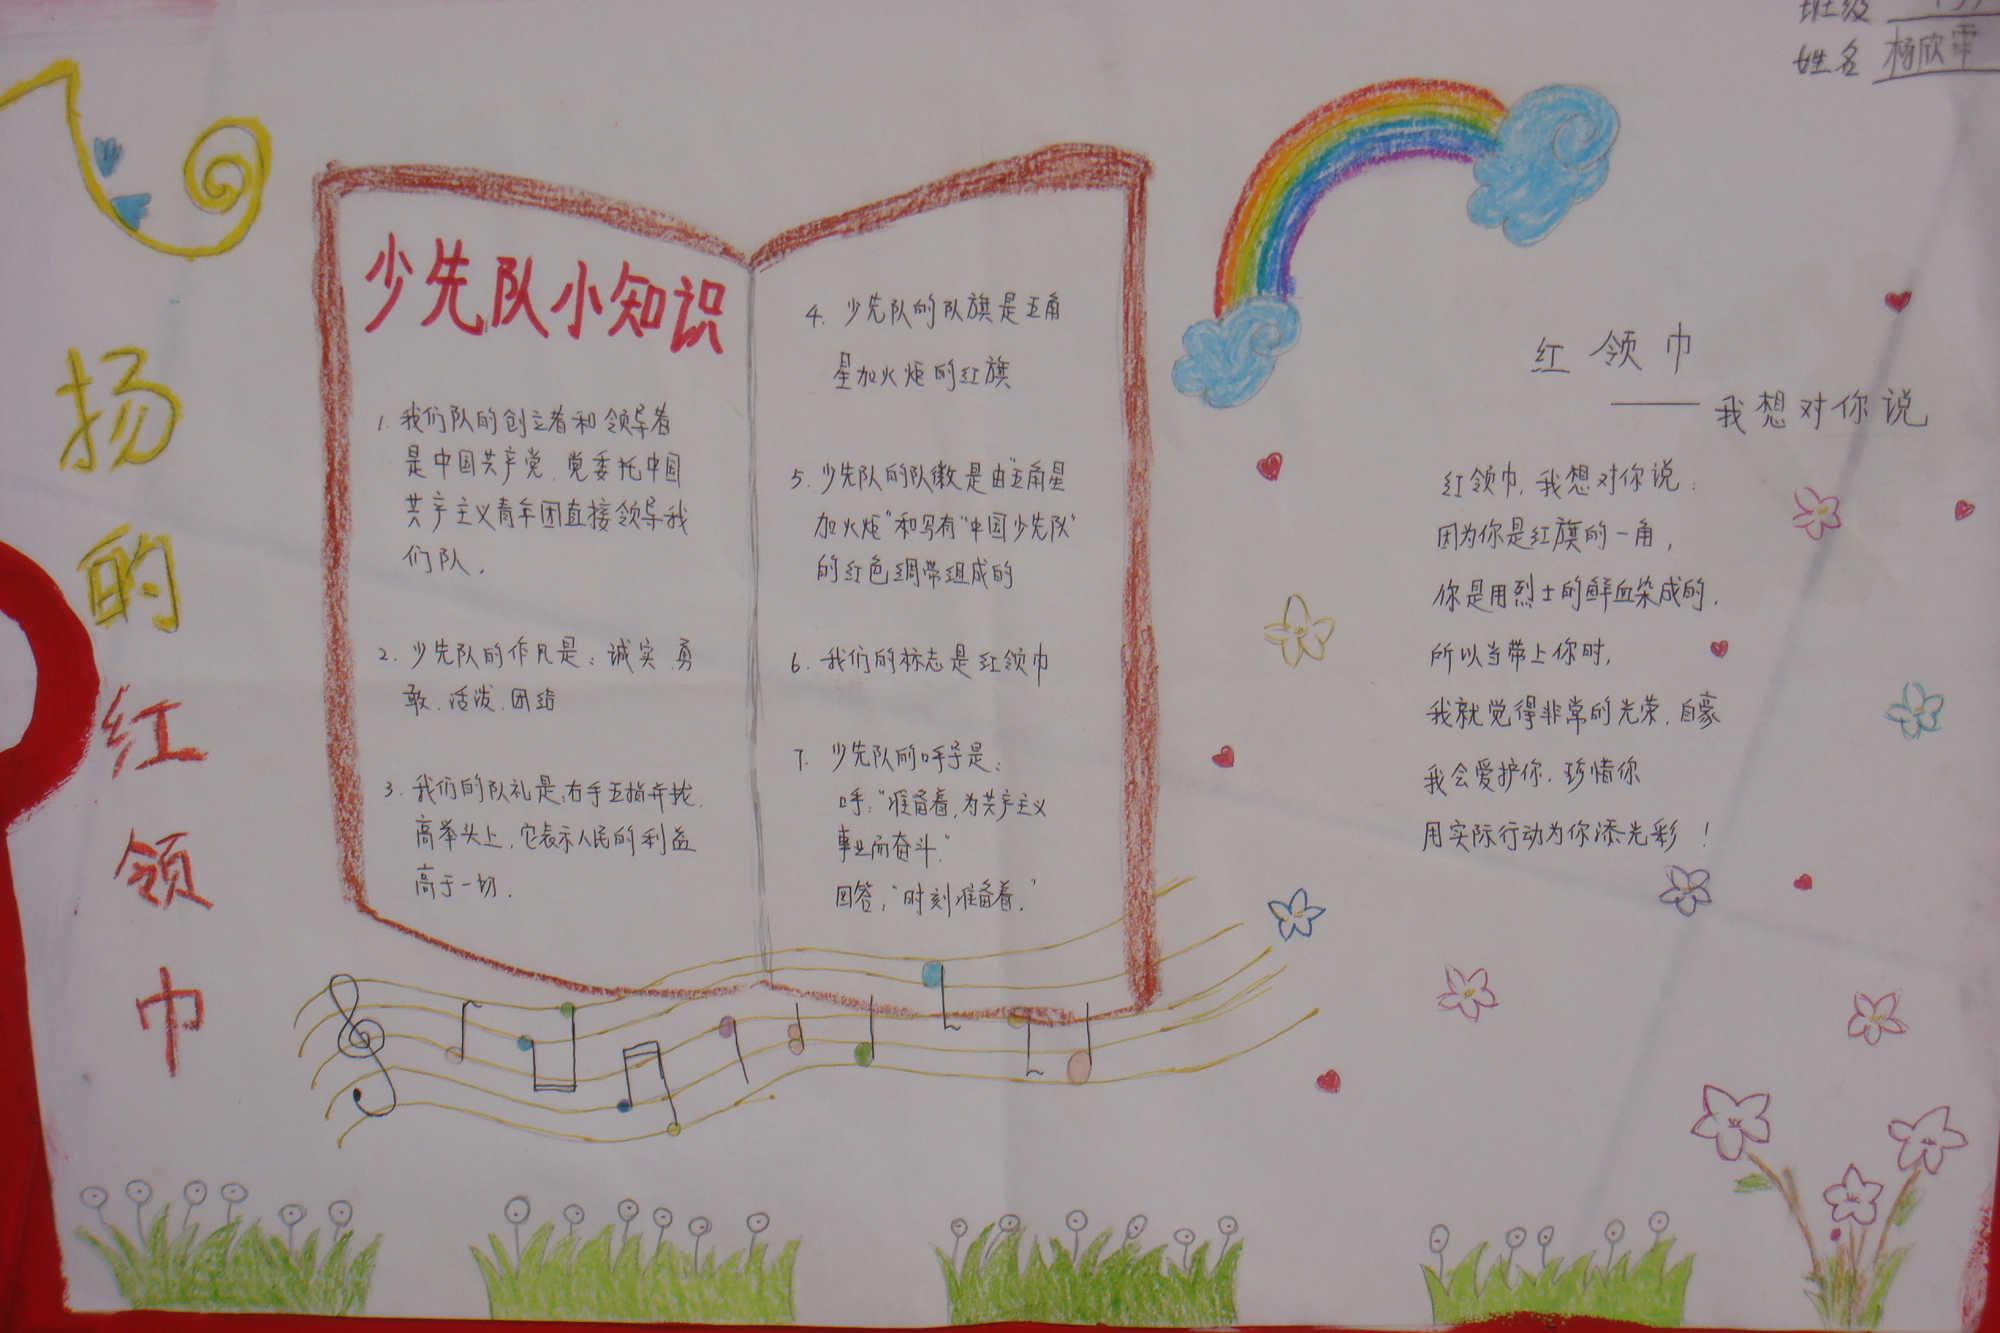 手抄报 > 正文        每逢六一儿童节,少先队都要举行隆重的入队仪式